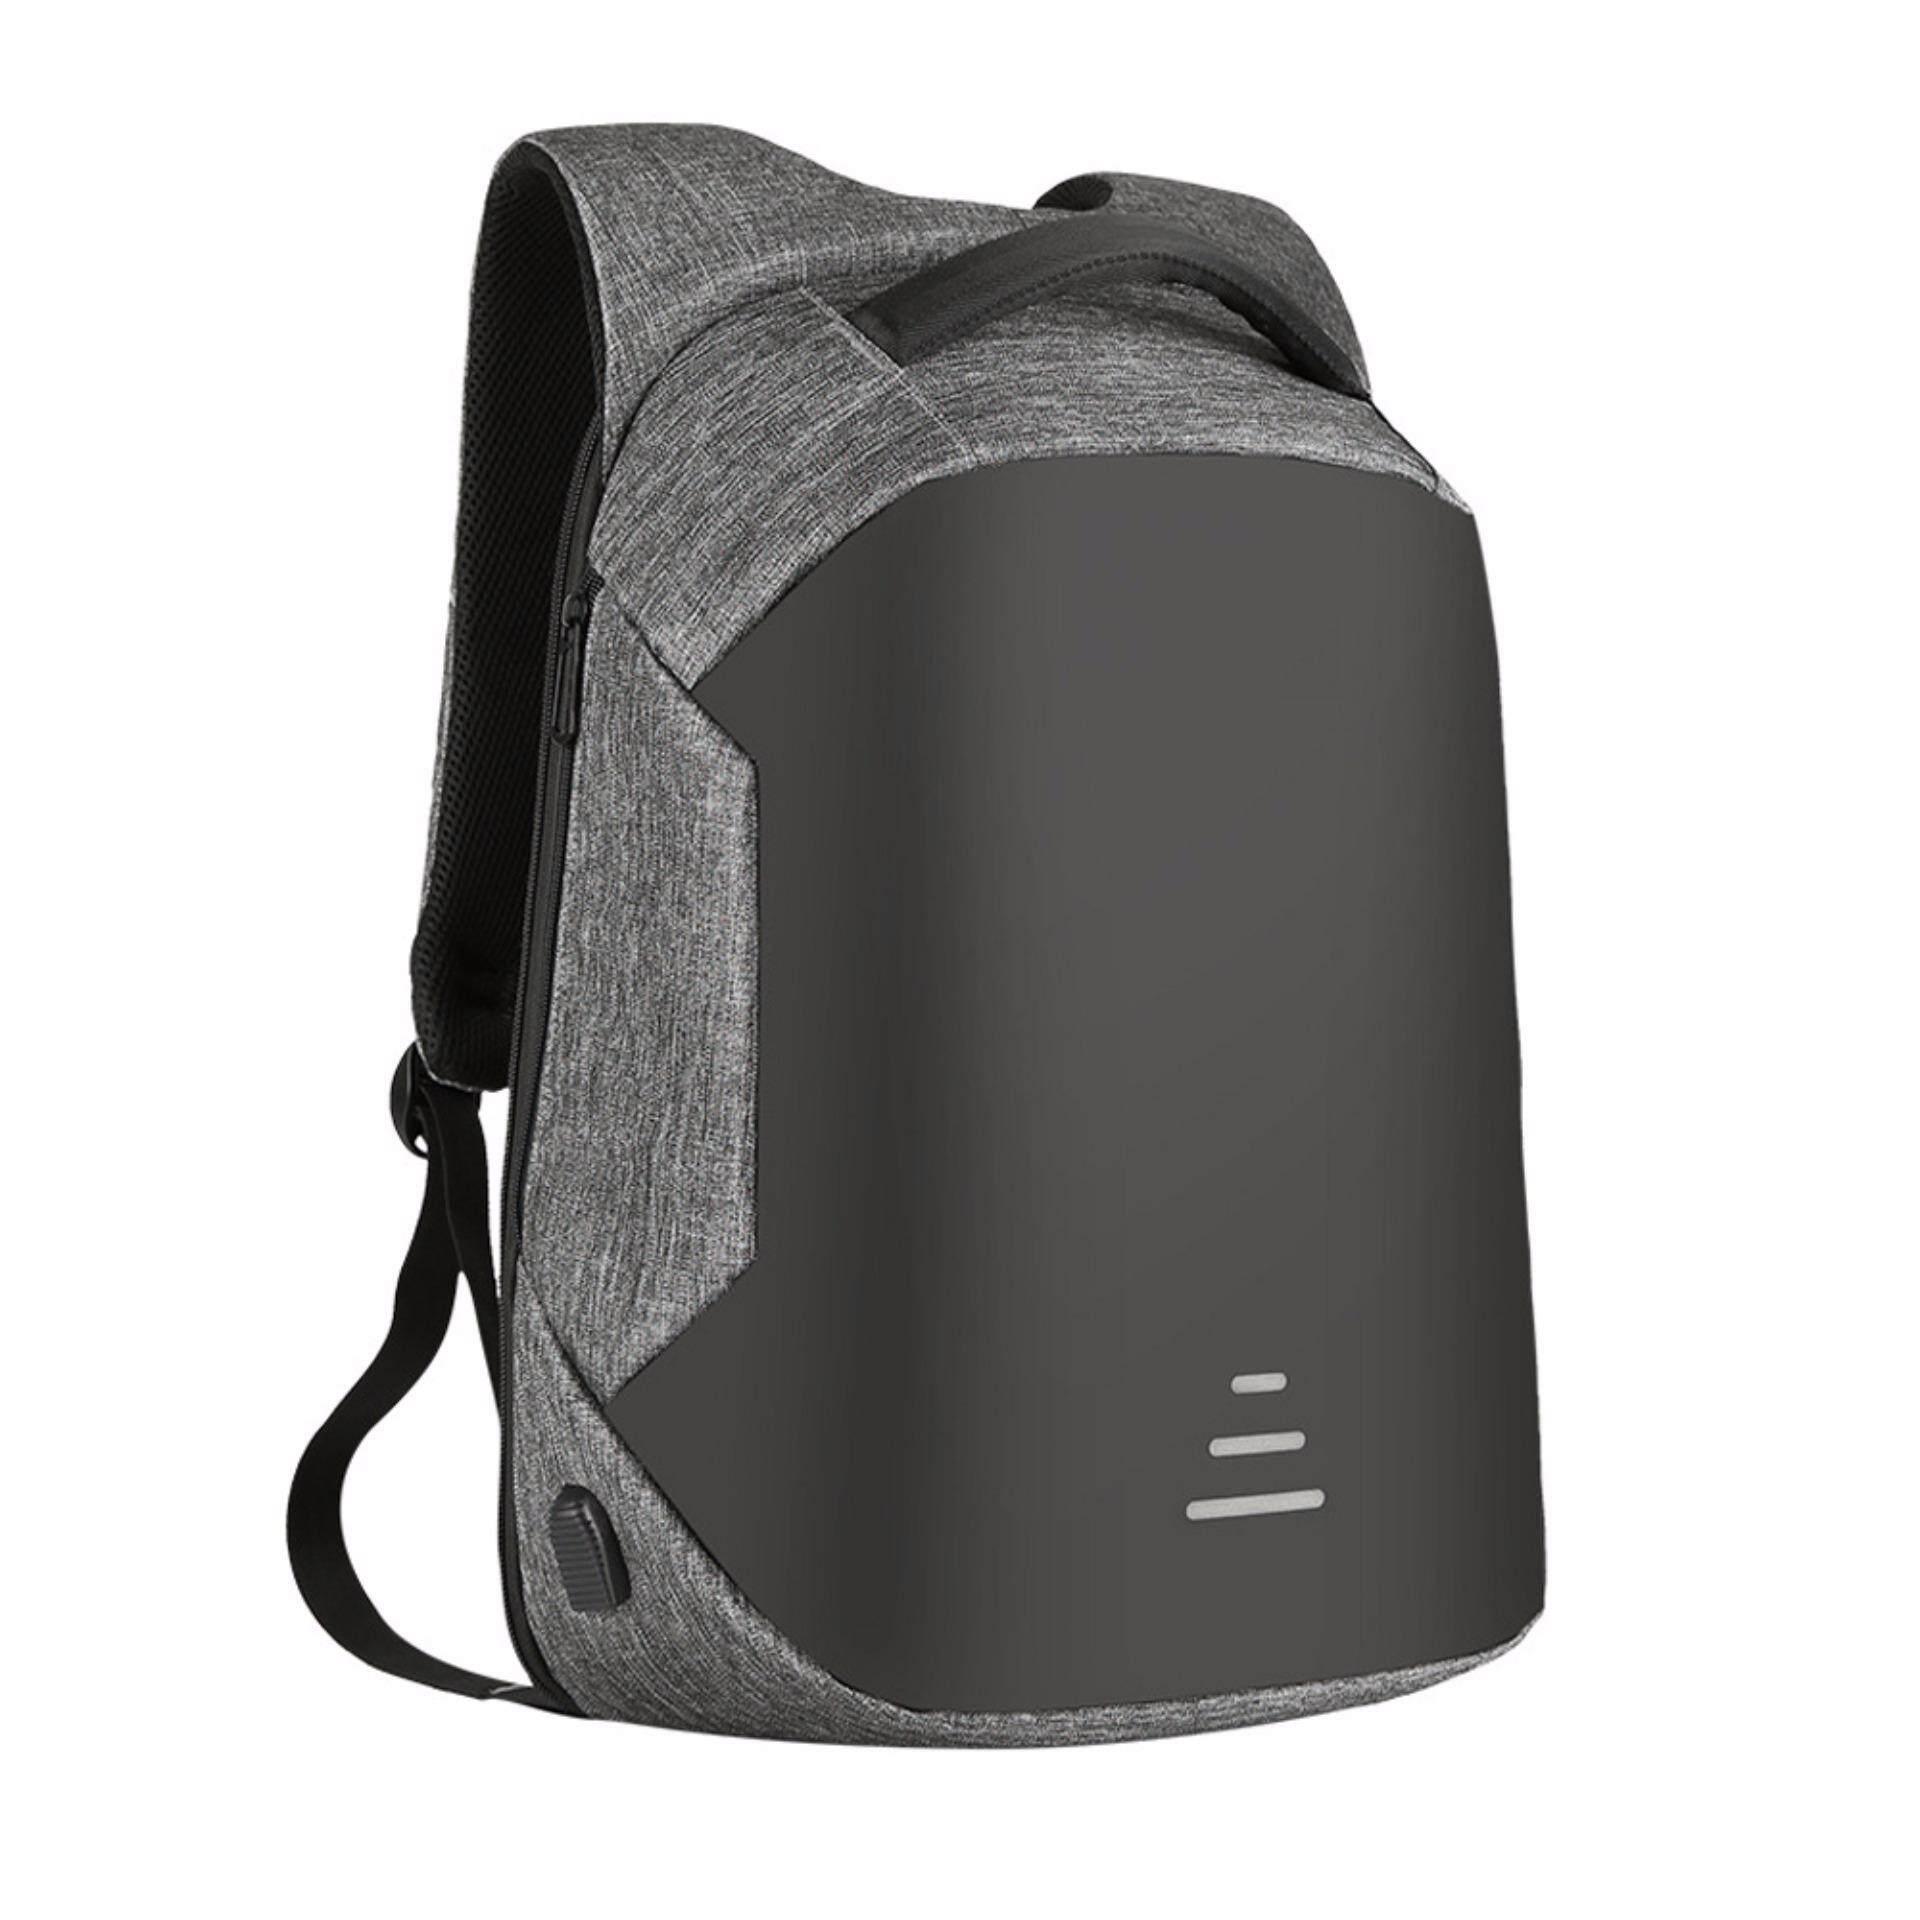 Sale 2017 Best Seller Unisex 15 6 Computer Bag Laptop Backpacks With Usb Charger Water Proof Large Capacity Multi Compartments Travel Rucksack College Sch**l Bag Campus Satchel Bag Shoulder Book Bag Pack Intl Longda Branded